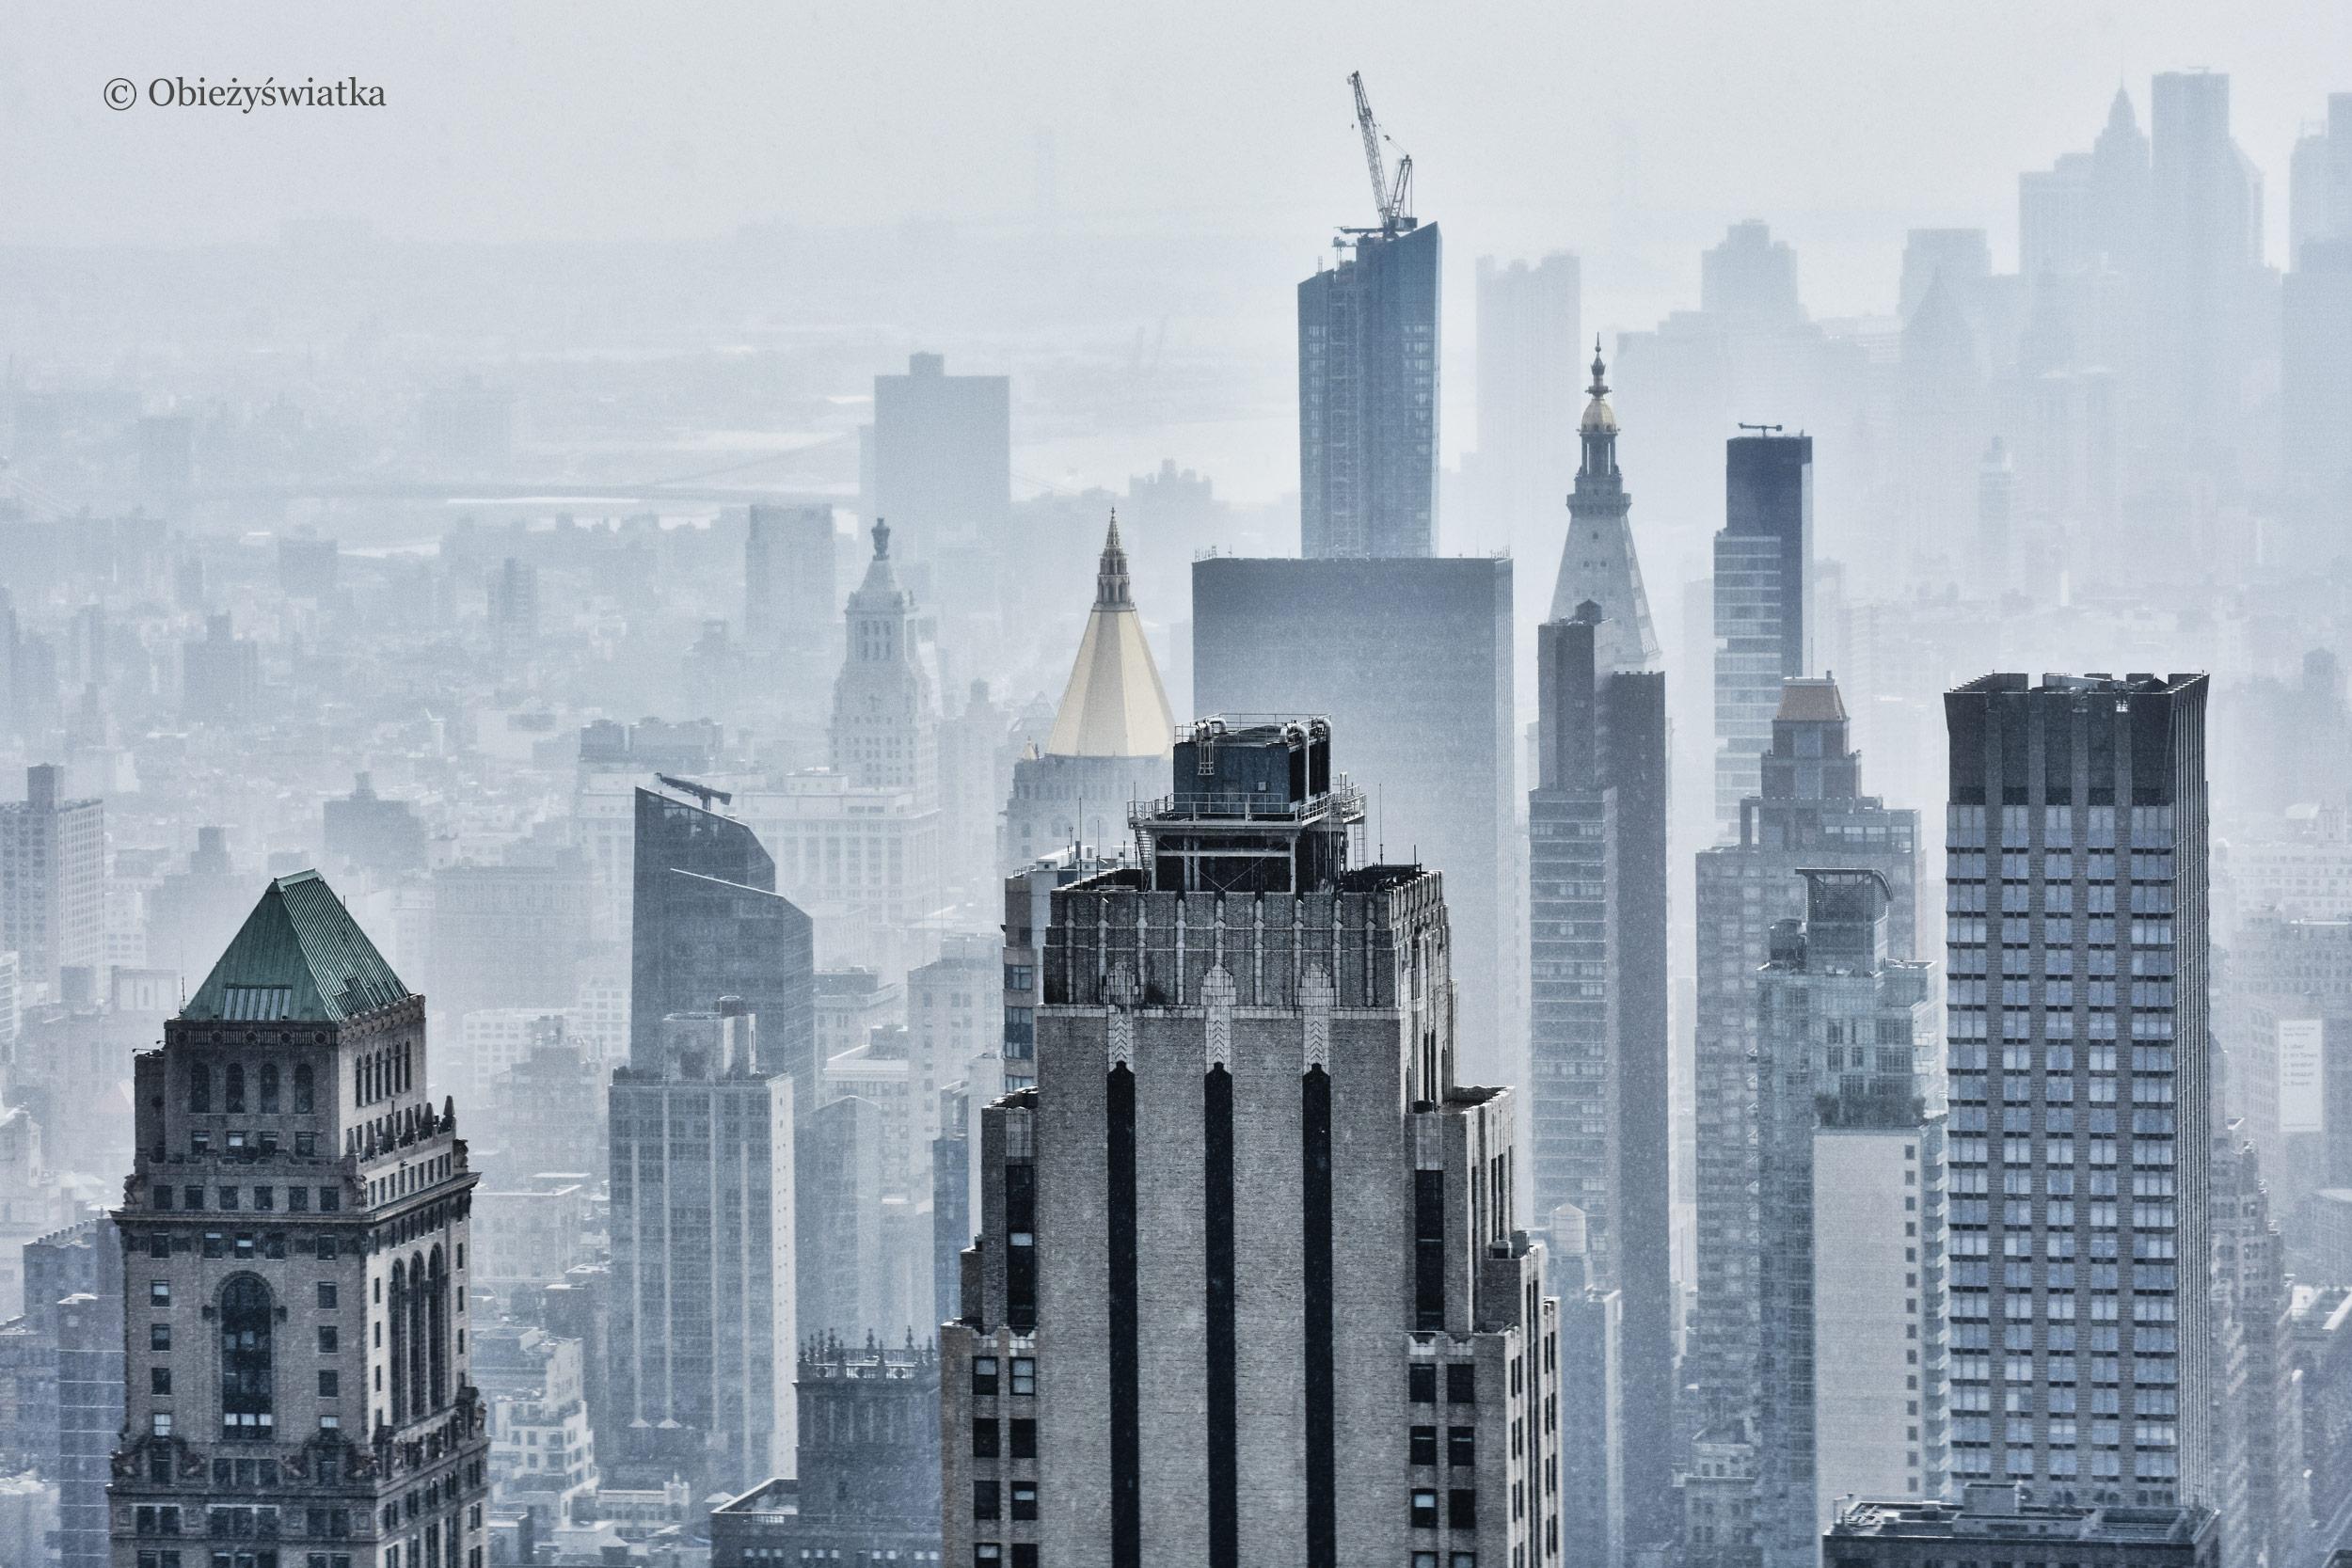 Widok z platformy widokowej Rockefeller Center, Nowy Jork